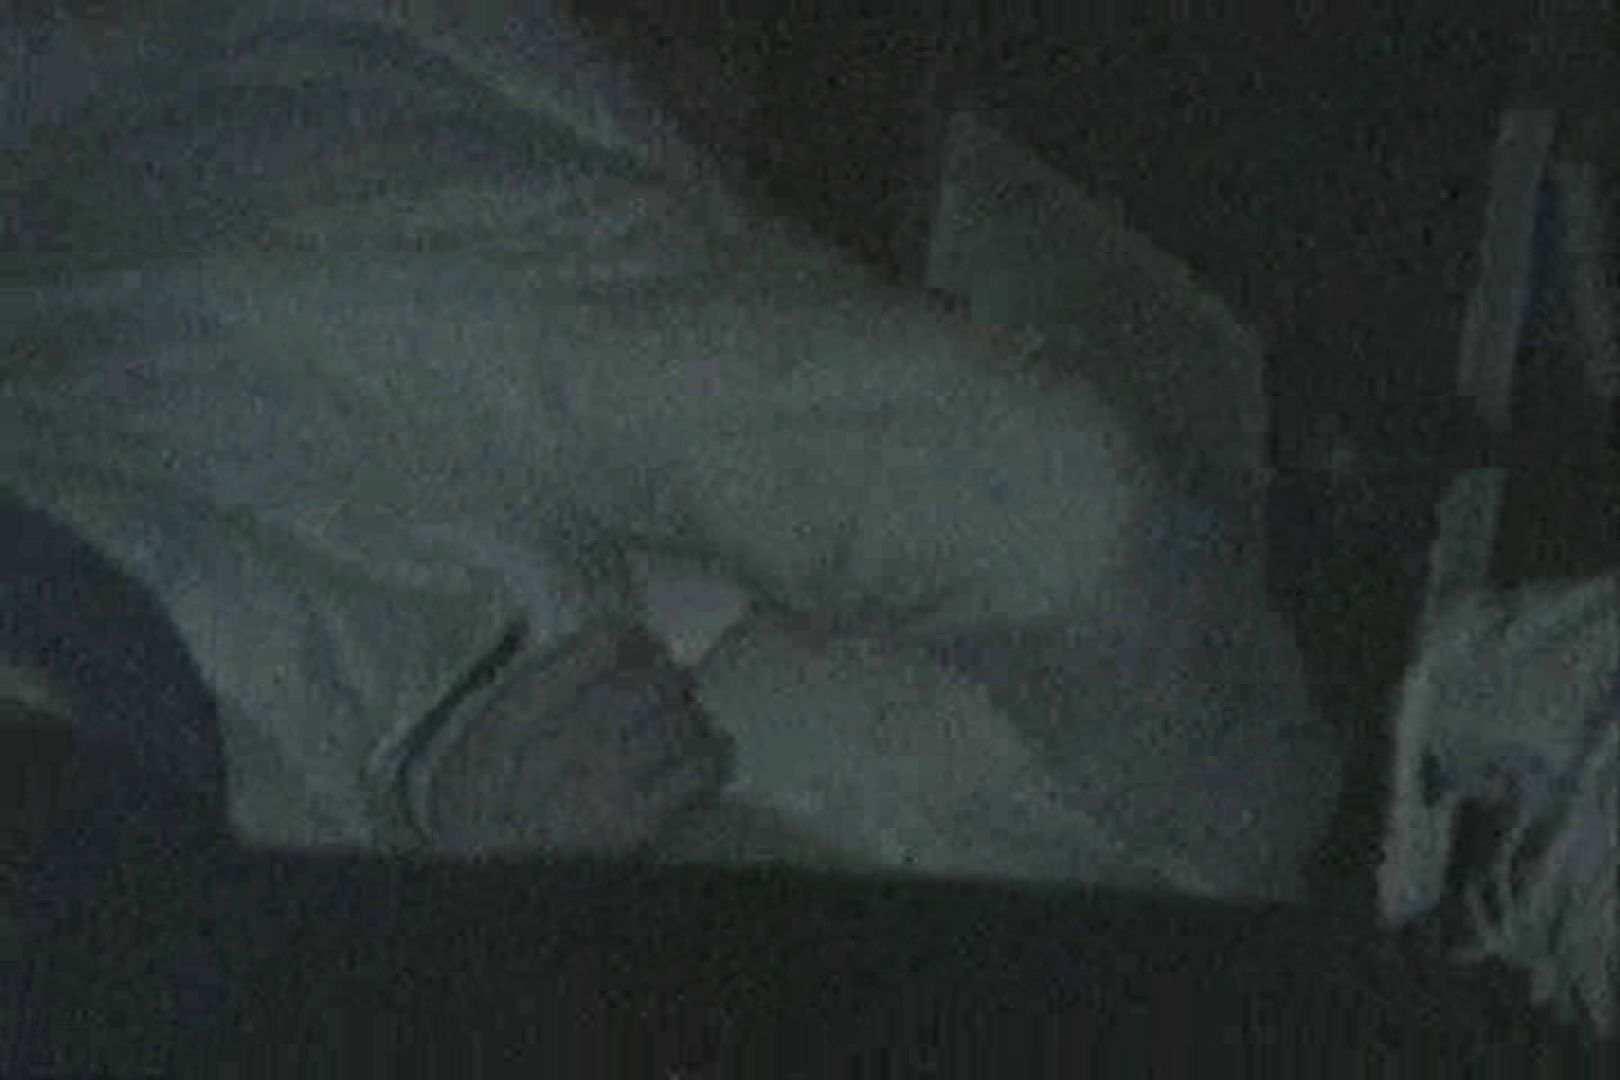 充血監督の深夜の運動会Vol.123 カップル盗撮 | エロティックなOL  107画像 1